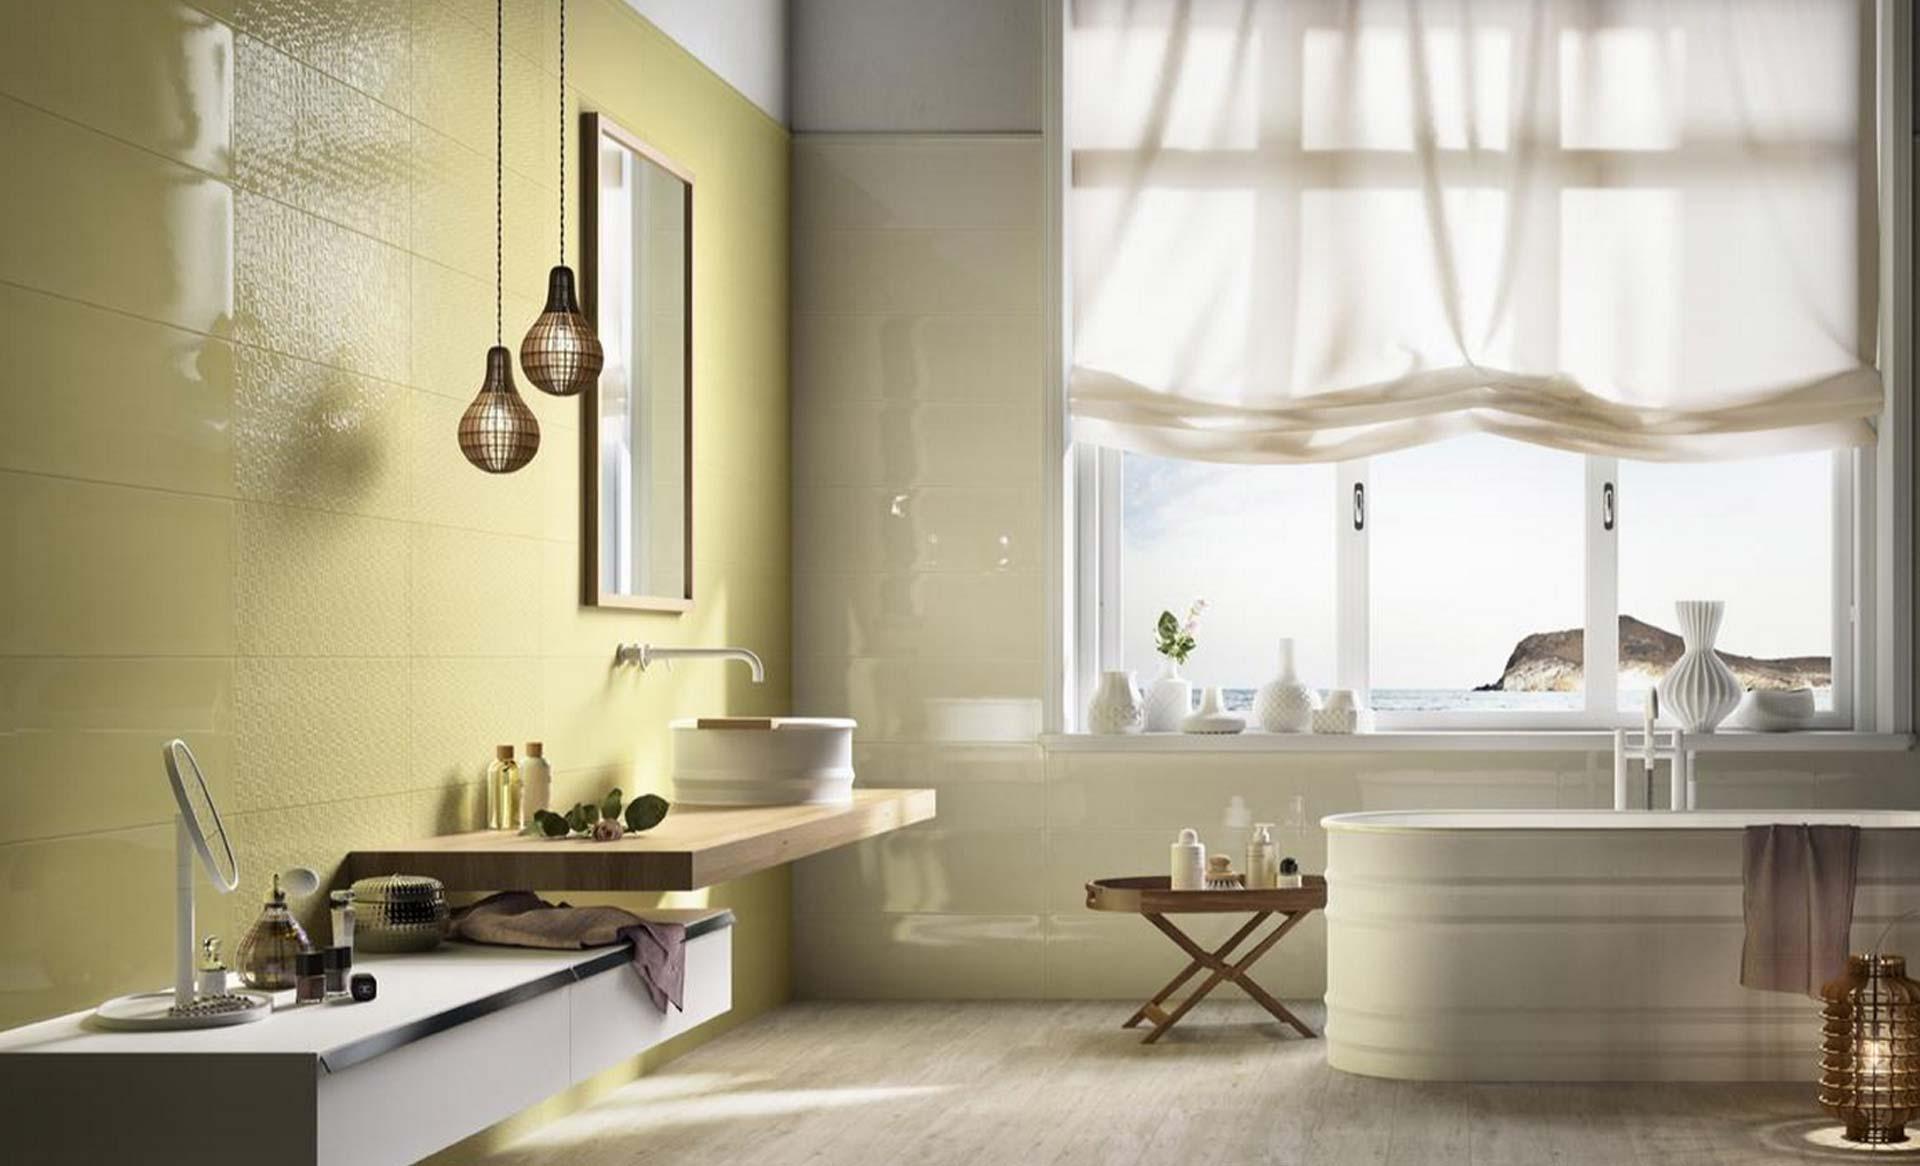 bagno colorato moderno : Bagno Moderno Colorato Blu : Poetique, il rivestimento bagno colorato ...